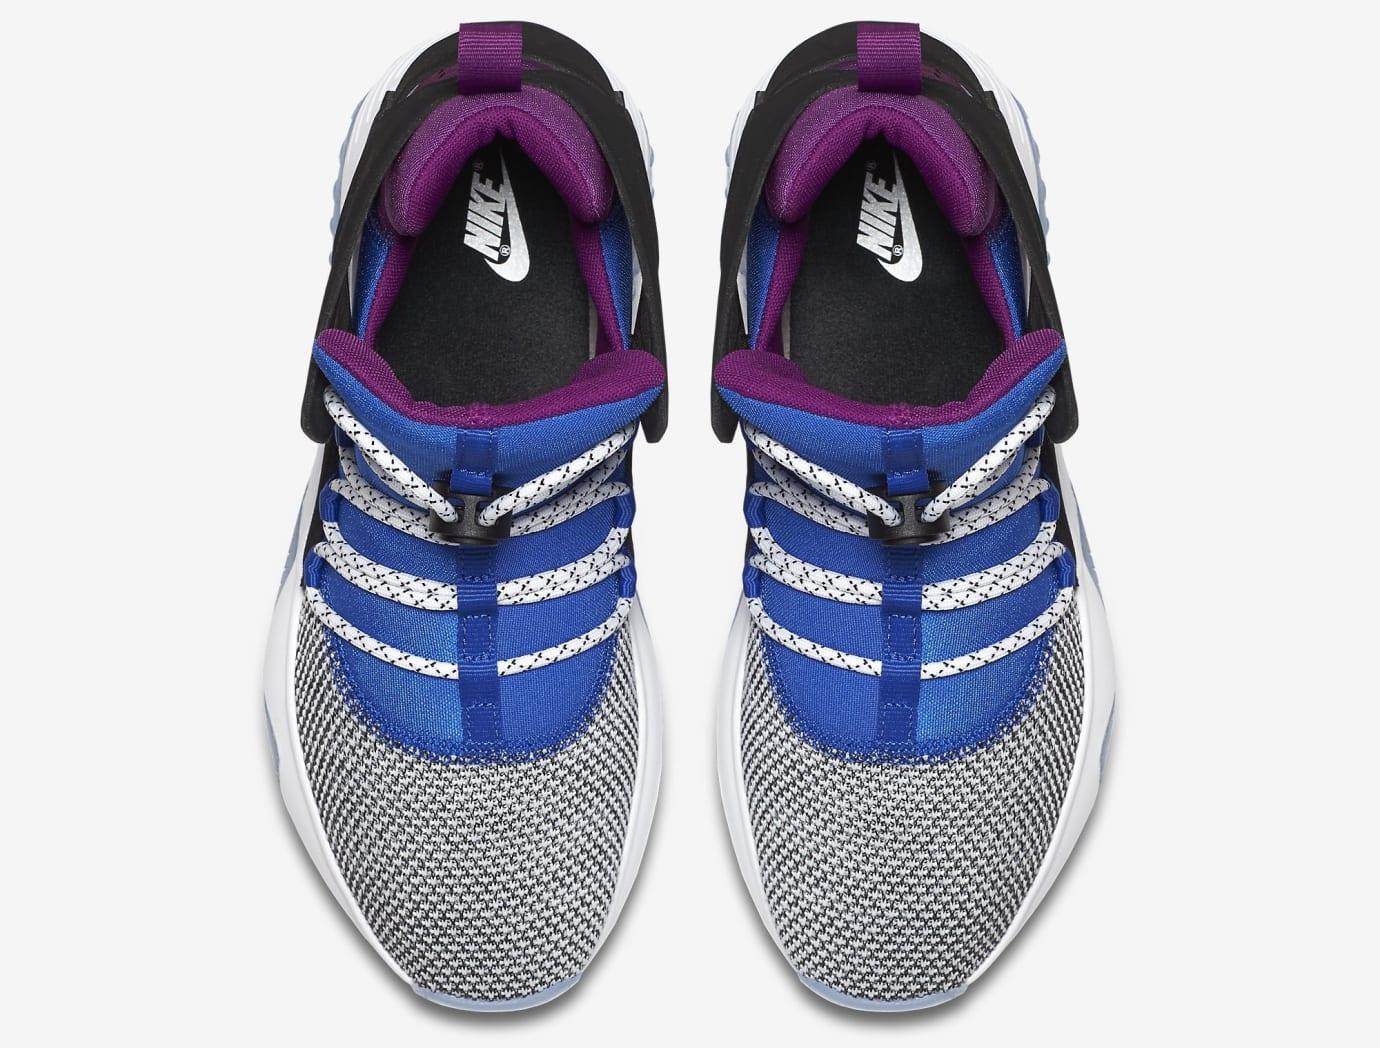 c19c6b246d78 Image via Nike Nike Flight Huarache Ultra